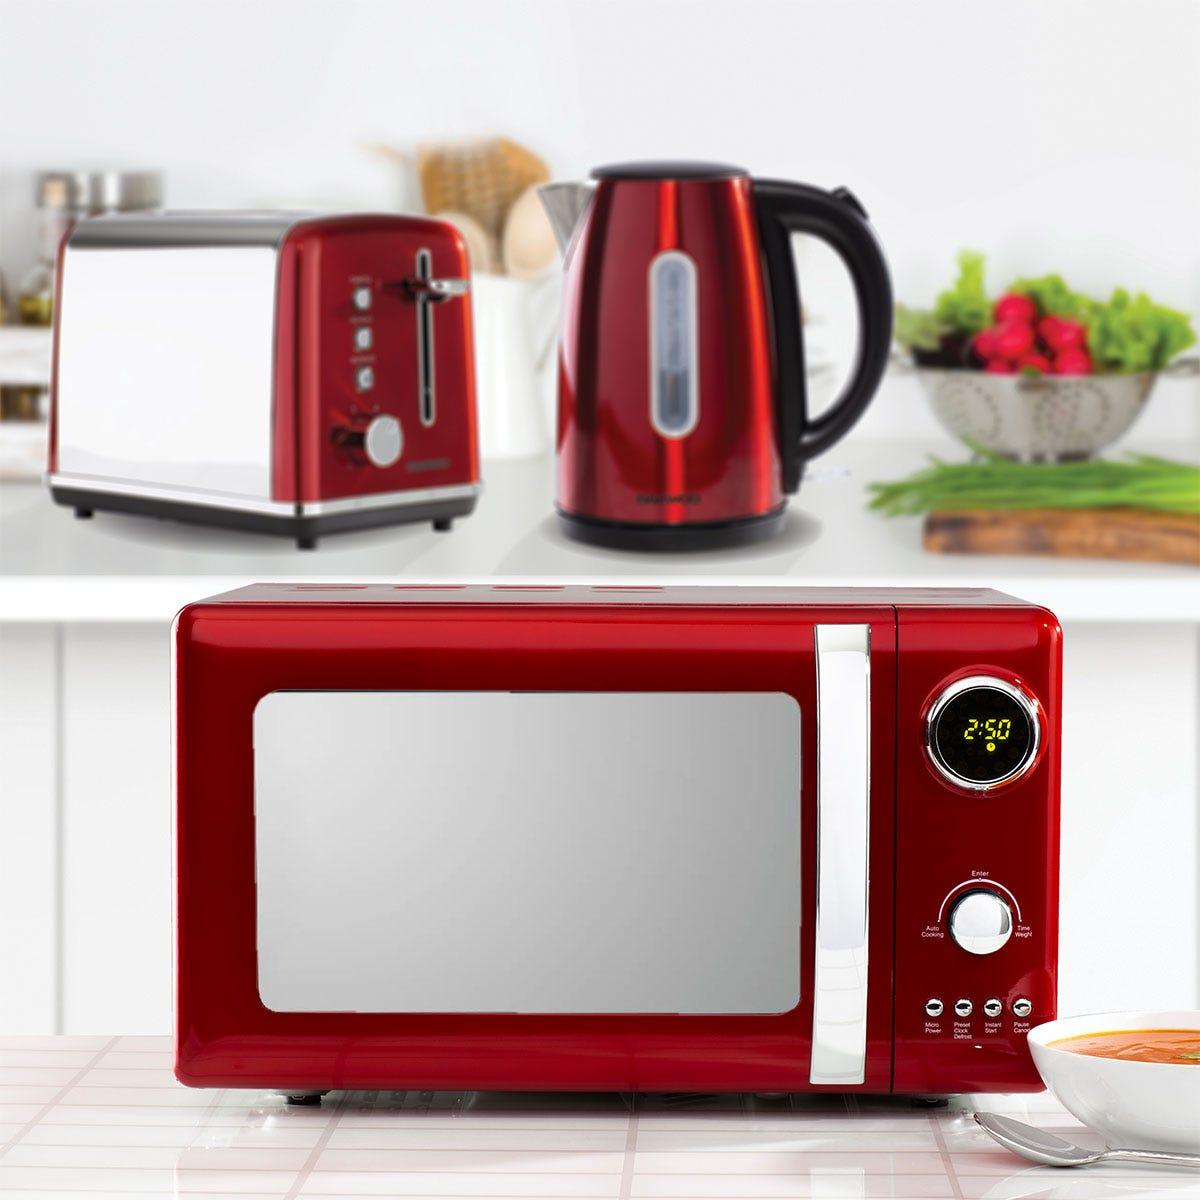 Daewoo Kensington SDA1685GE 1.7L 3KW Jug Kettle, Kensington SDA1584GE 2-Slice Toaster, and Kensington SDA1656GE 20L 800W Digital Microwave Bundle - Red